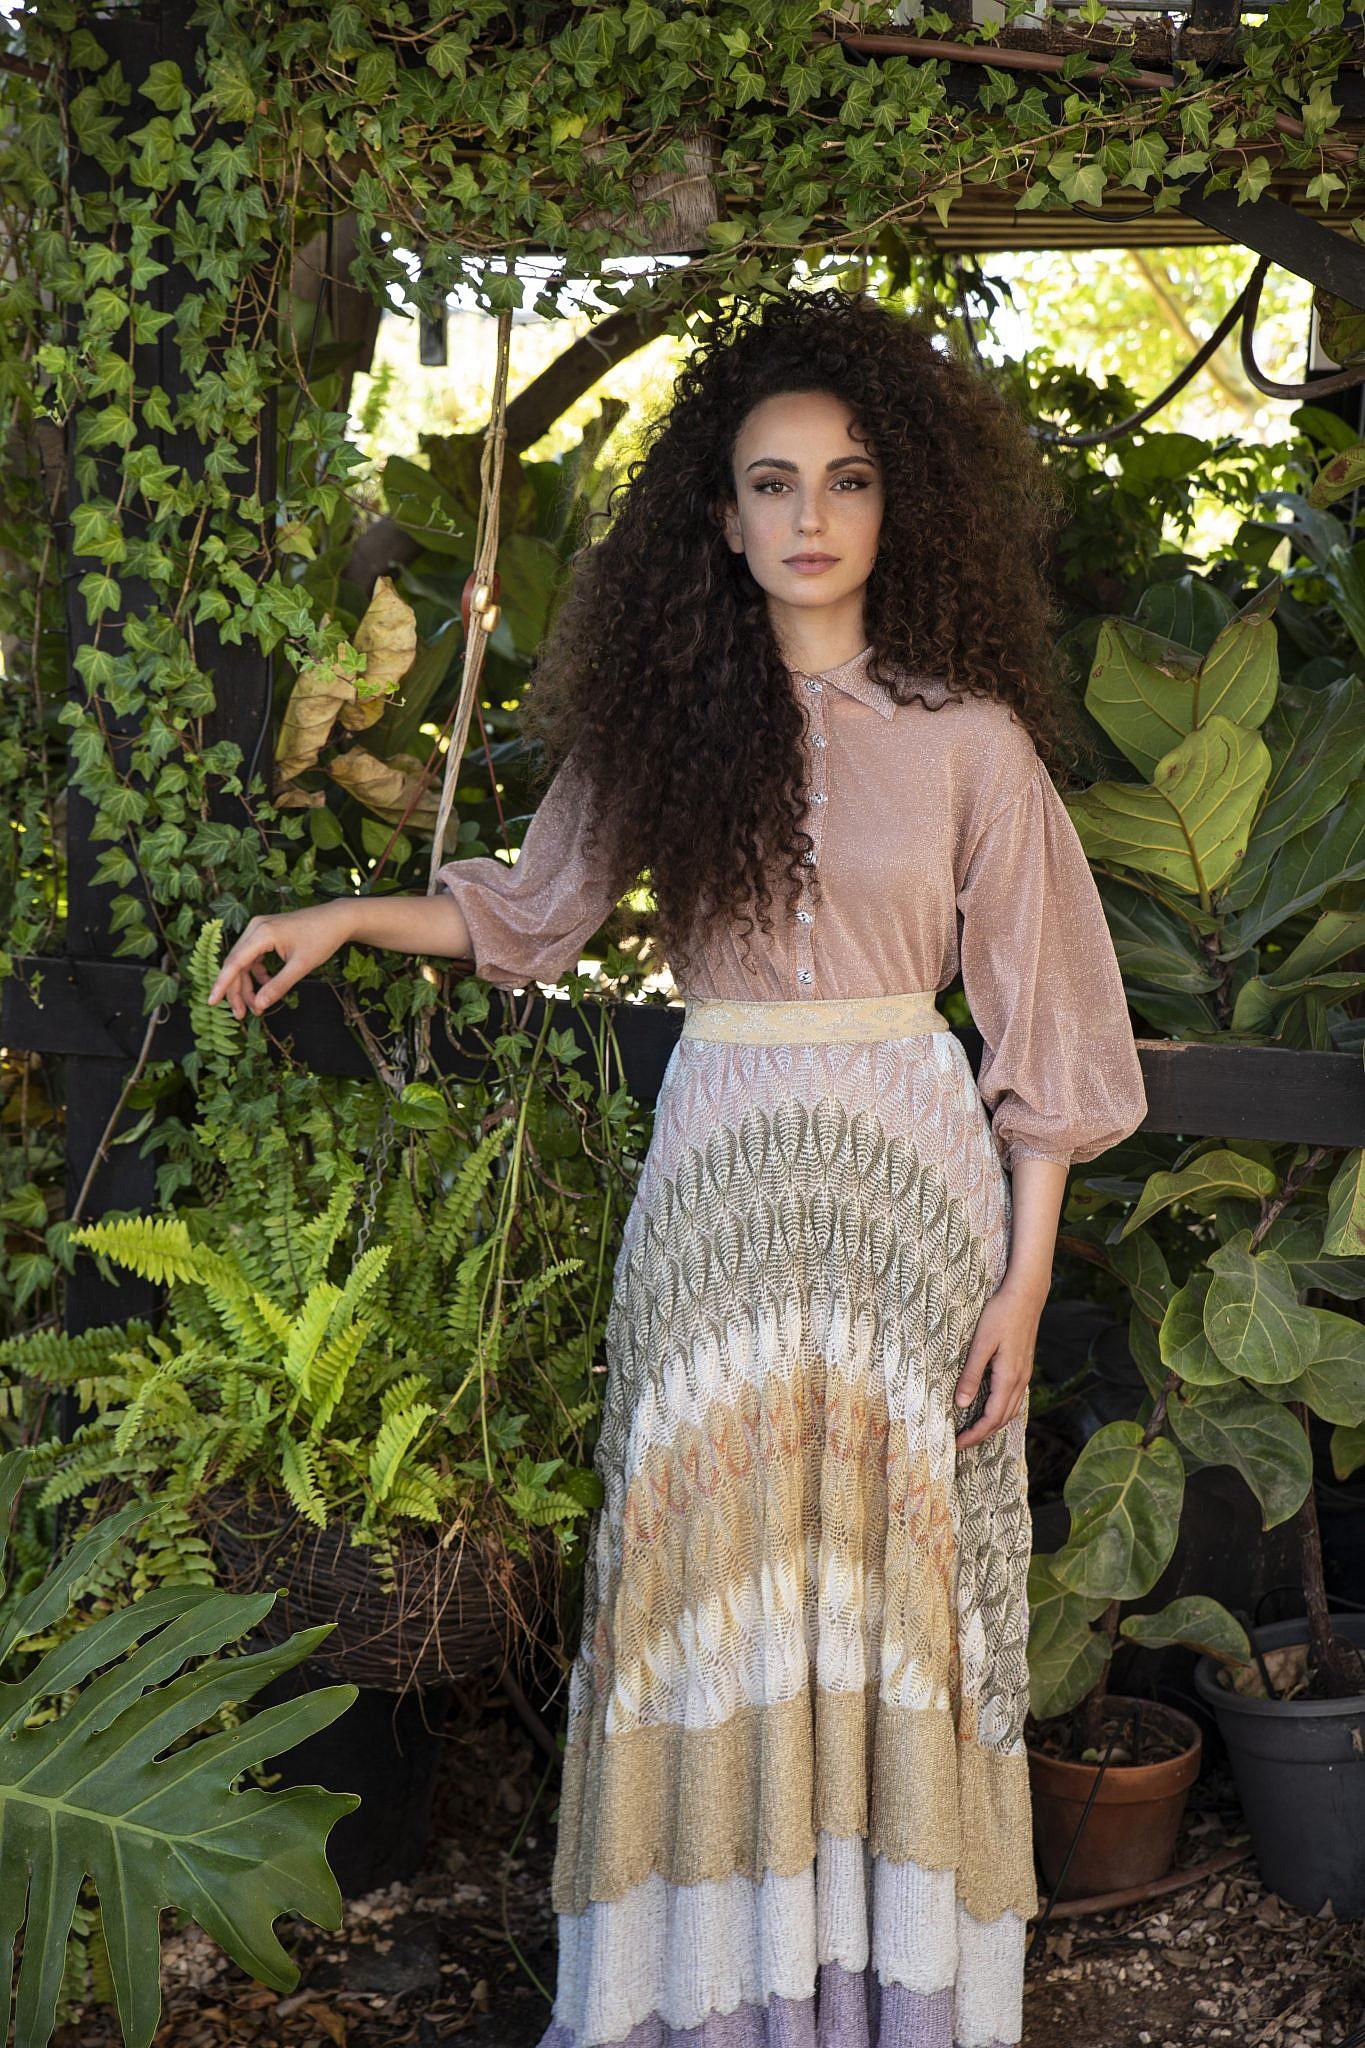 יובל דיין לובשת טופ וחצאית של מיסוני לאמור | צילום: עדי אורני, סטיילינג: מיקי ממון